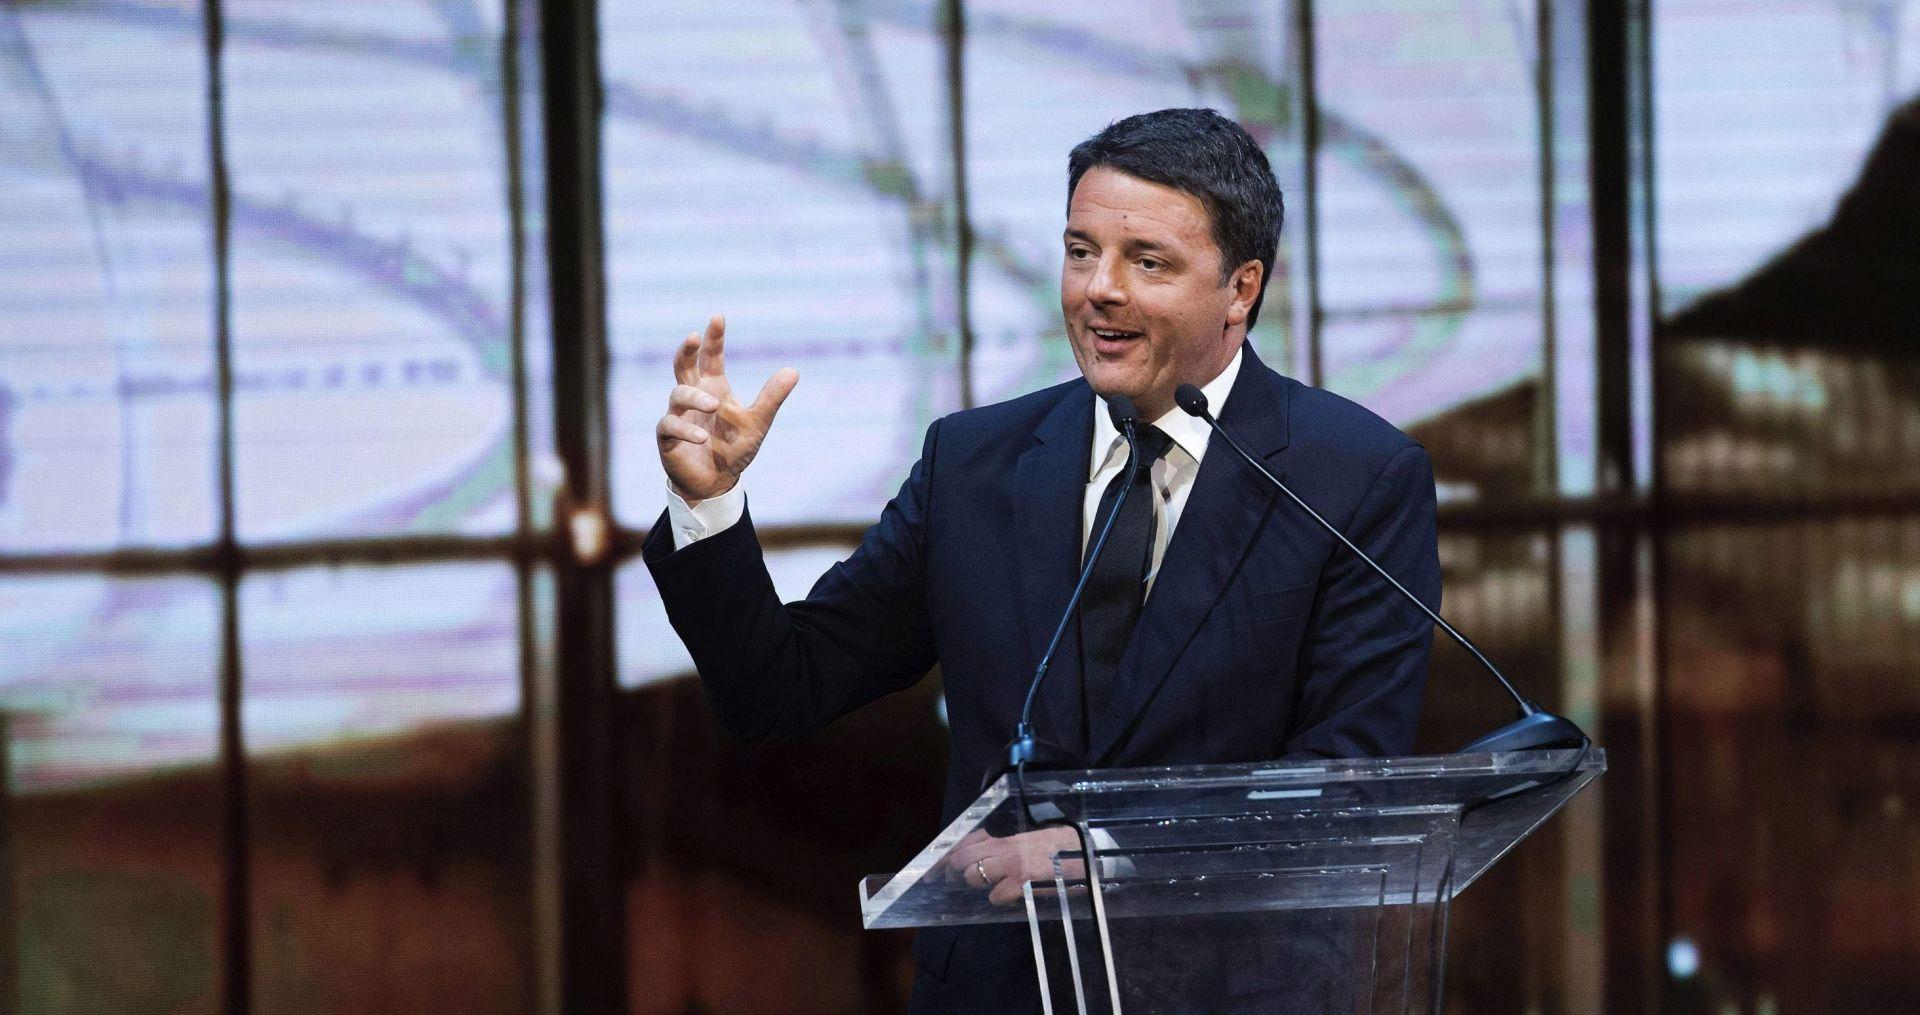 Renzi tvrdi da se disidenti u njegovoj stranci protive ustavnoj reformi kako bi ga zbacili